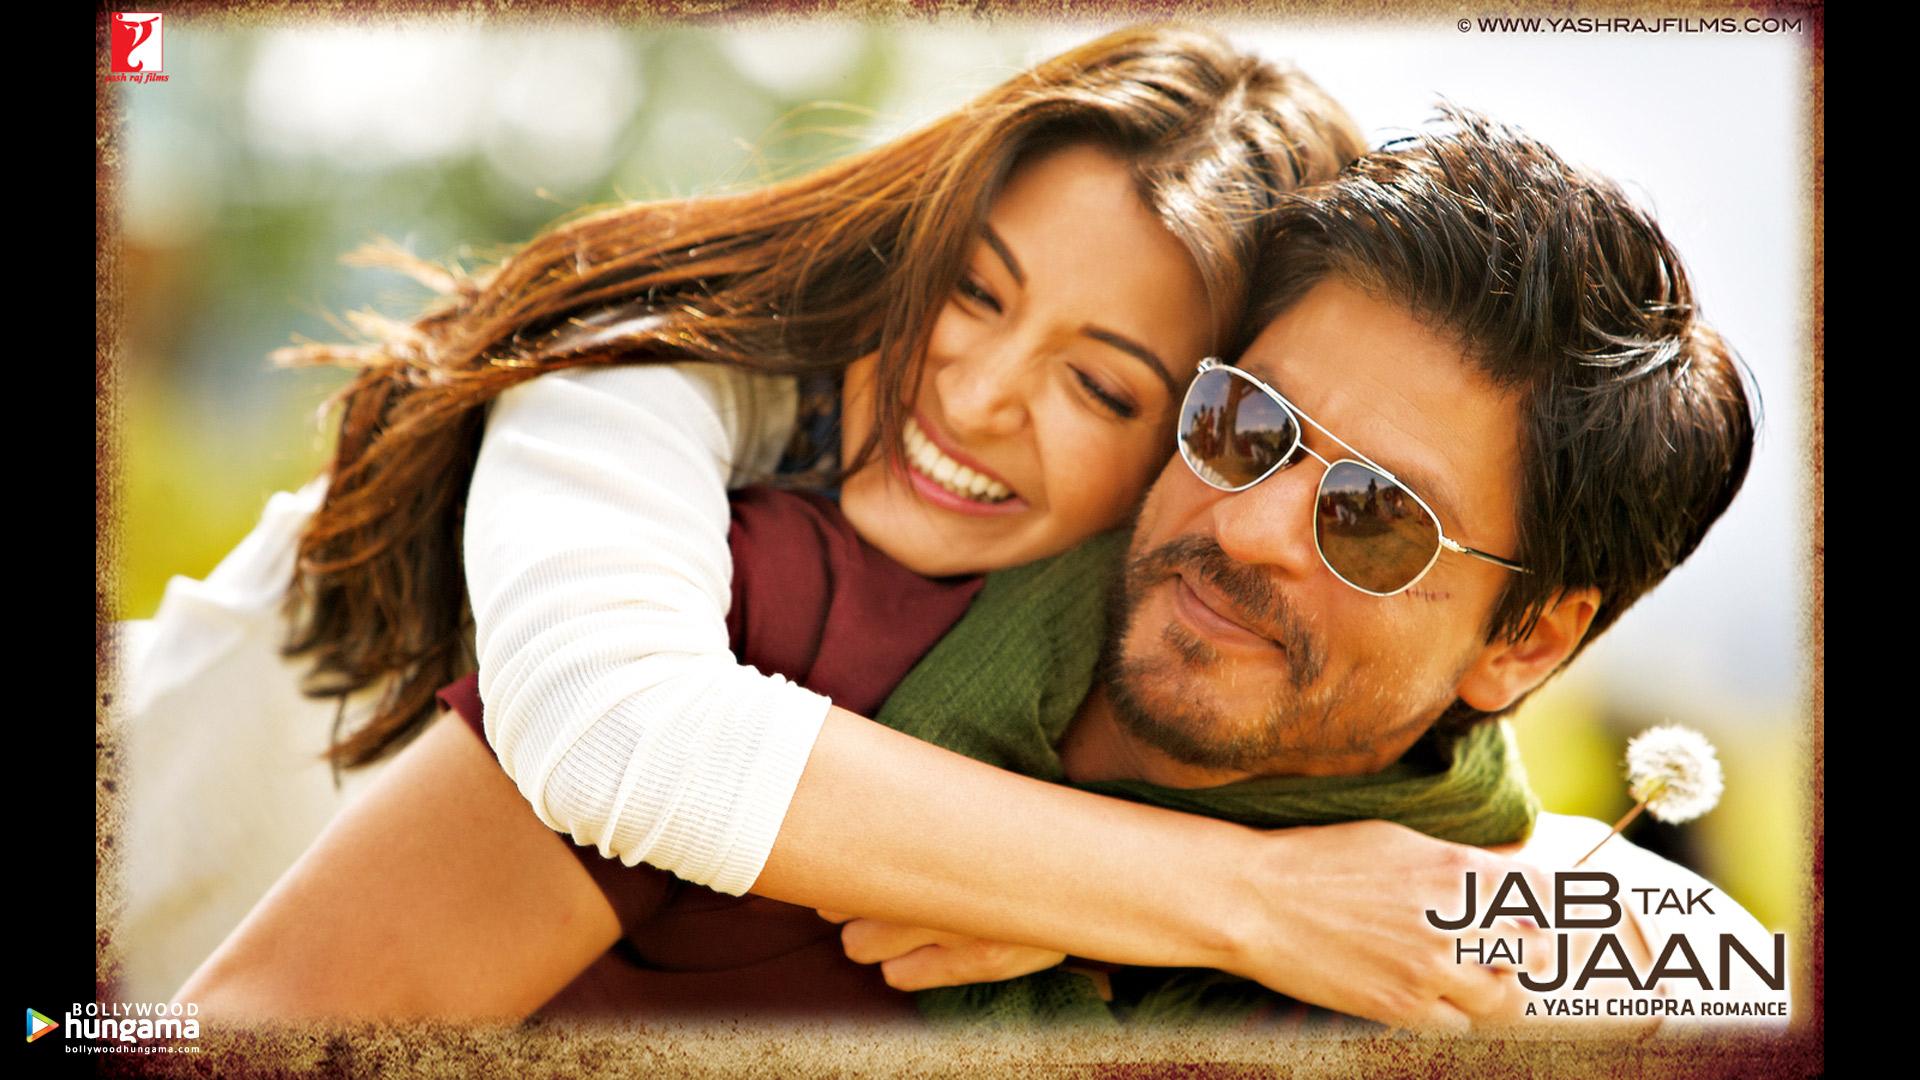 Film hindi jab tak hai jaan online dating